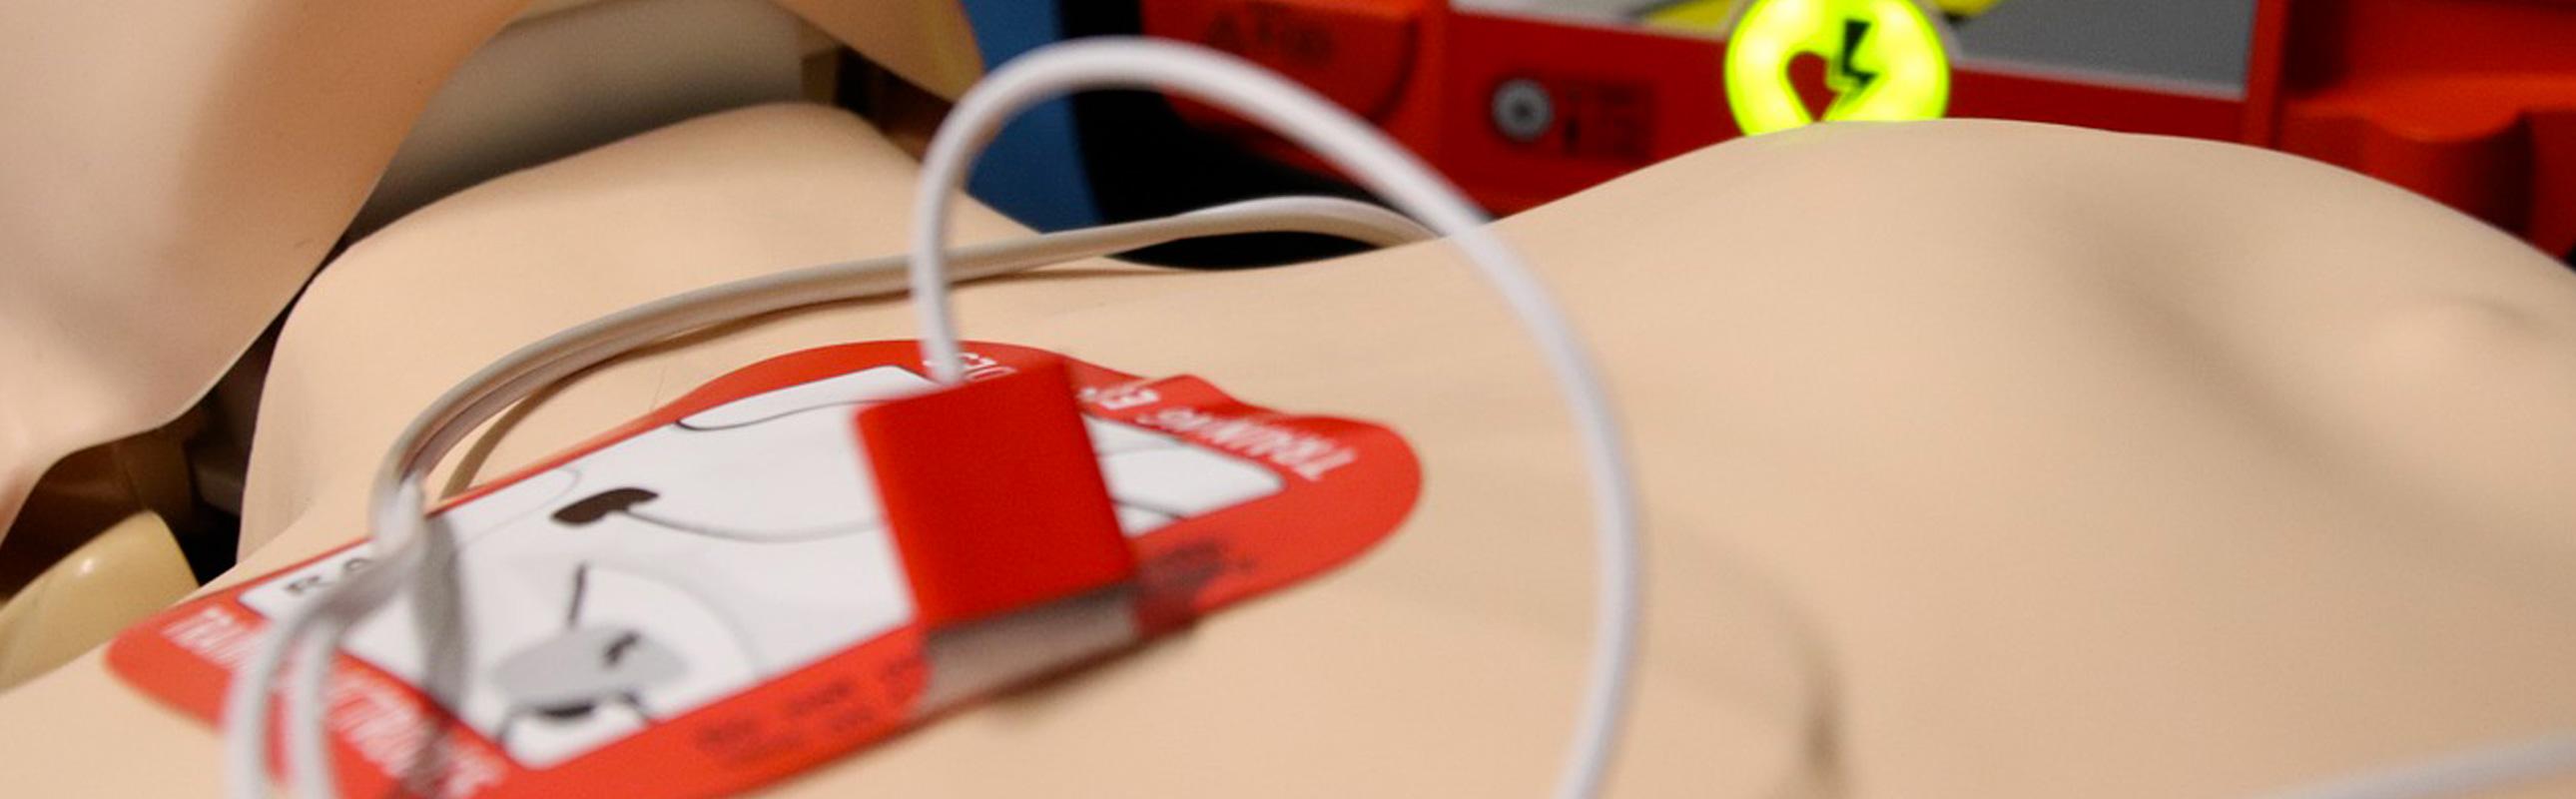 Le défibrillateur, un atout de choc en cas d'arrêt cardiaque